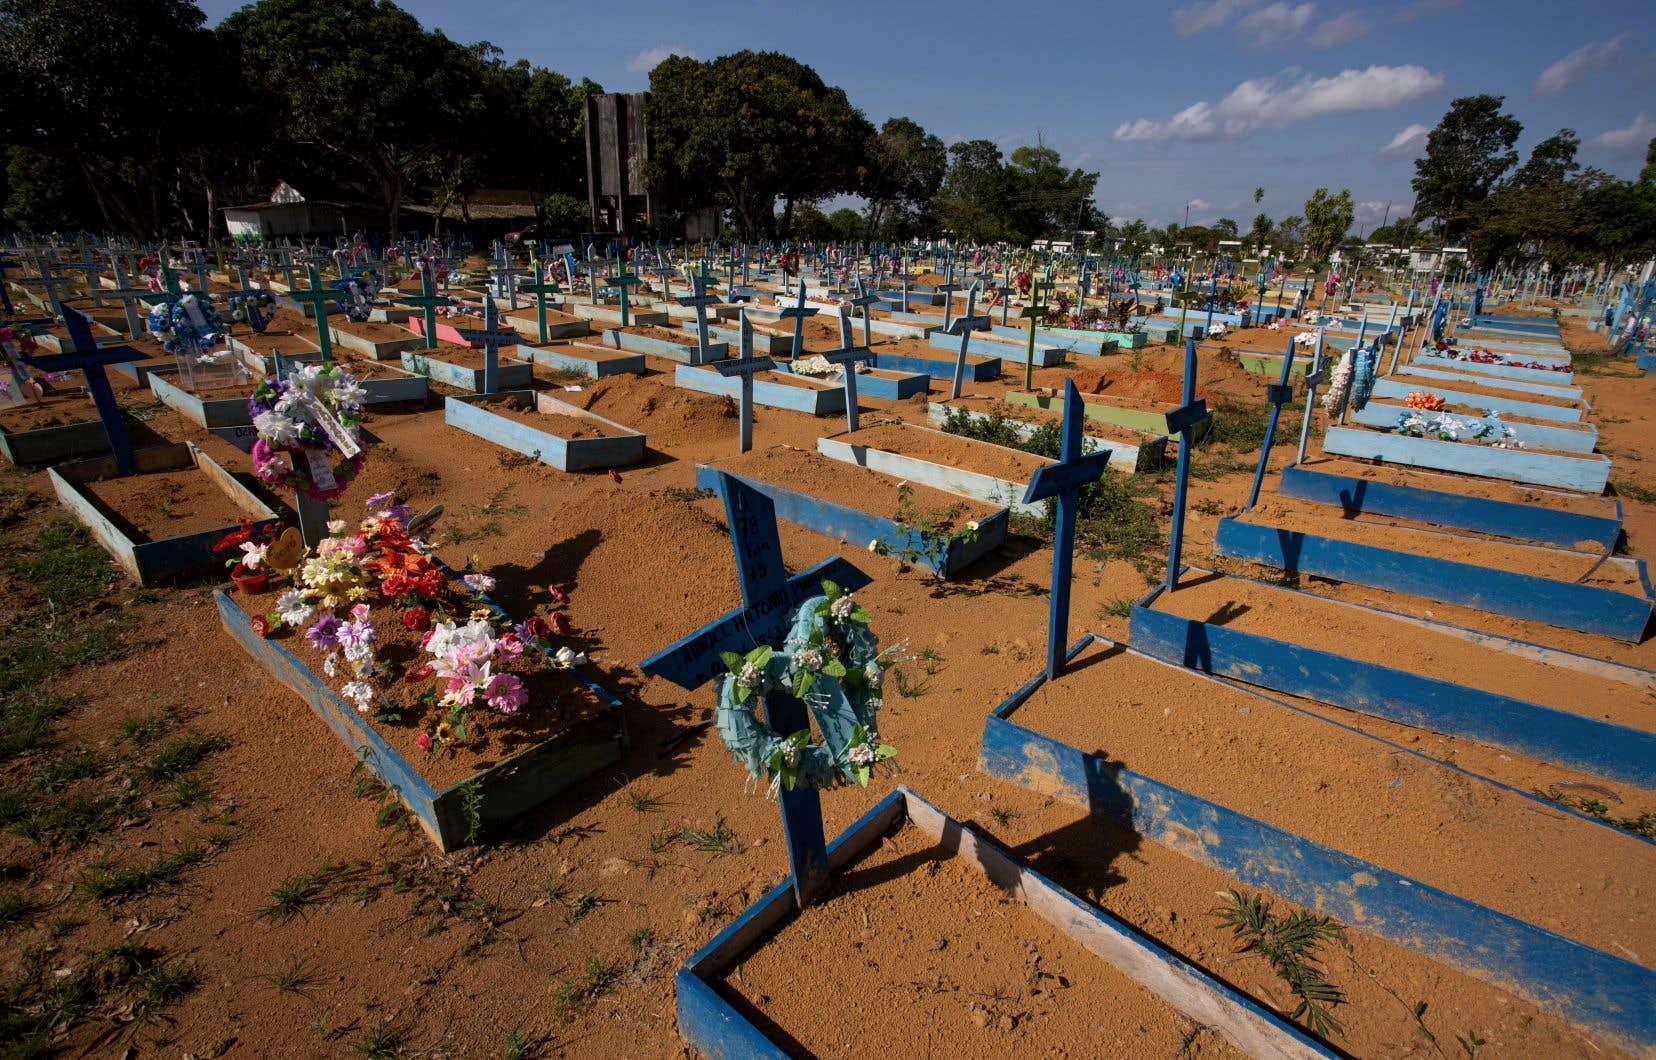 Le Brésil, qui compte 212millions d'habitants, a connu en début d'année une mortelle deuxième vague avec plus de 4000 décès par jour. Il craint d'être frappé par une troisième vague, le nombre d'infections connaissant un nouveau pic.